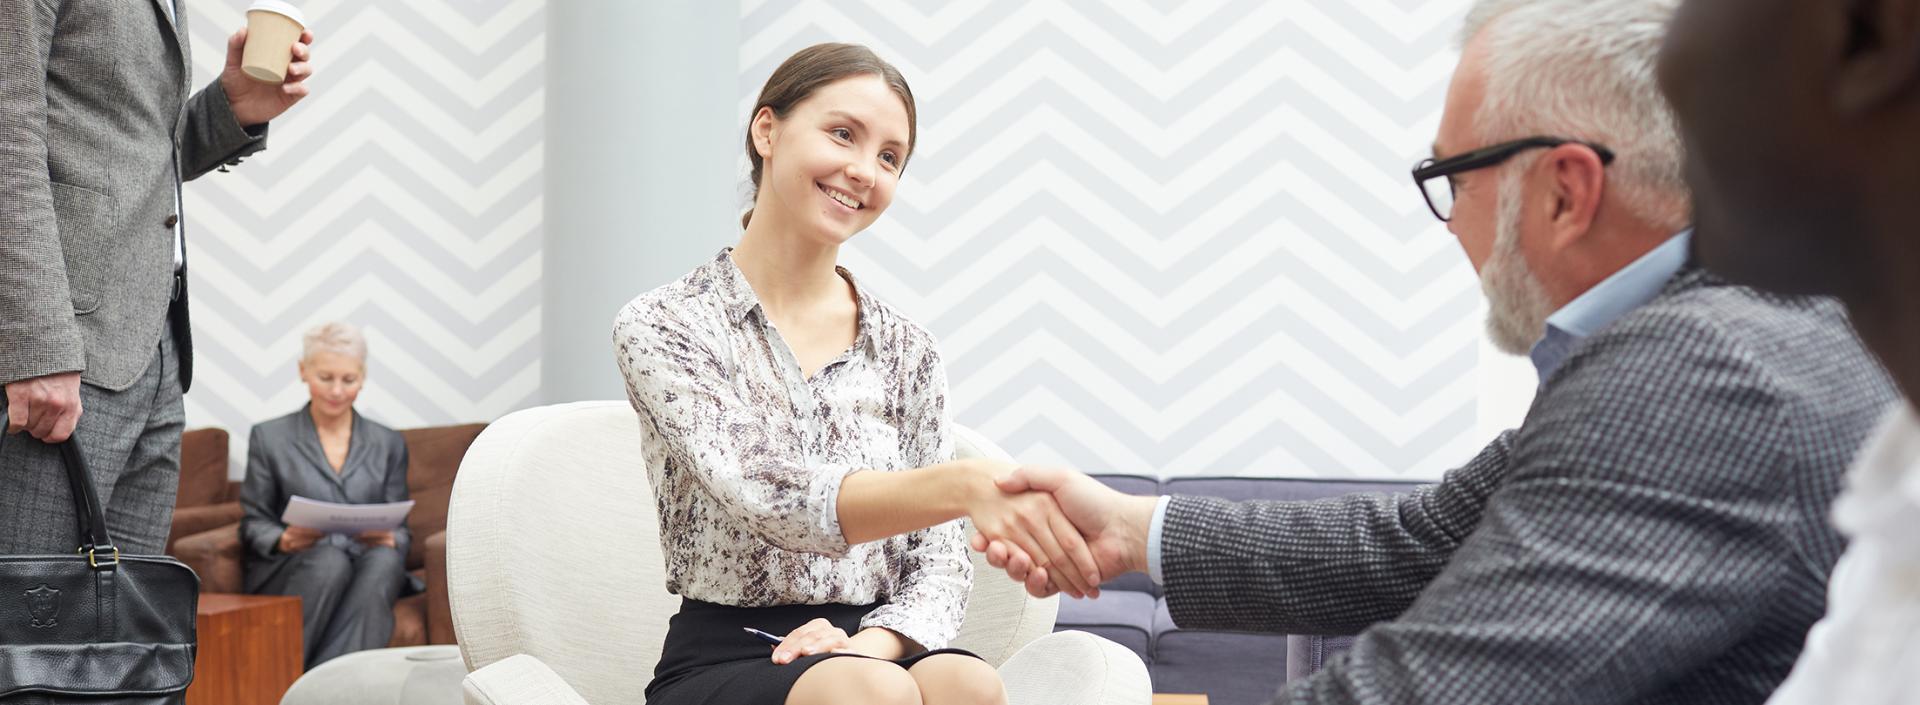 Especialização Avançada em Recrutamento, Seleção e Integração de Pessoas